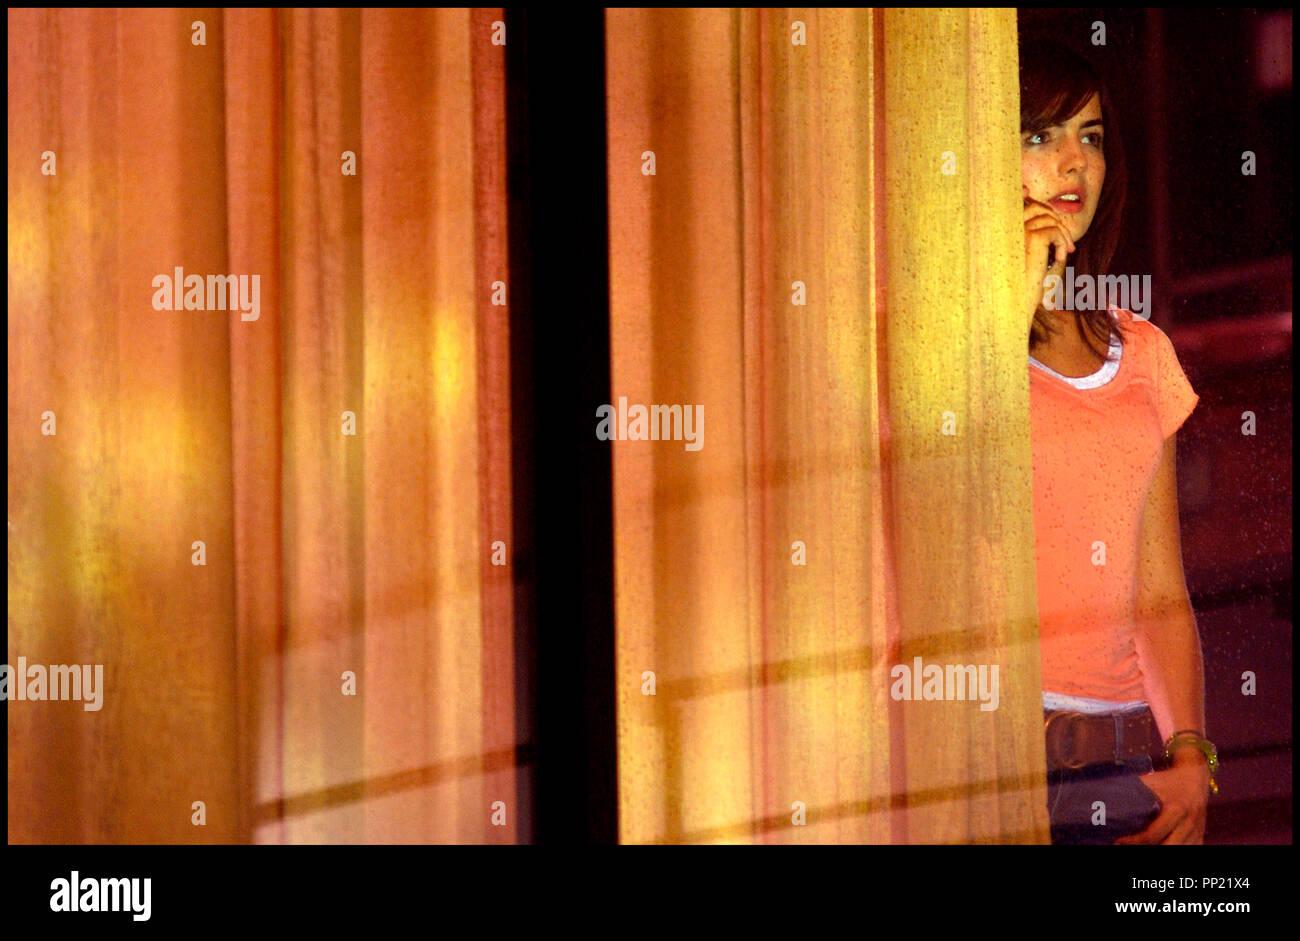 Prod DB © Screen Gems - Davis / DR TERREUR SUR LA LIGNE (WHEN A